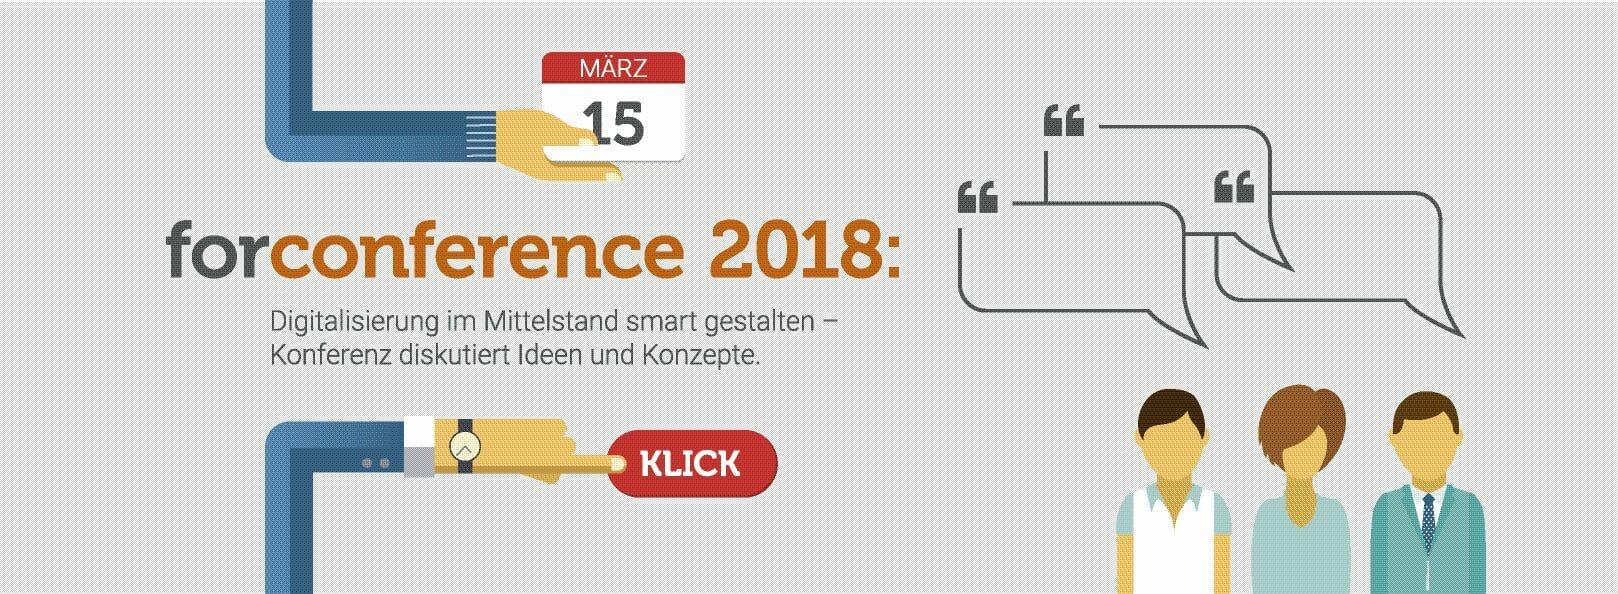 grafik_forconference_2018